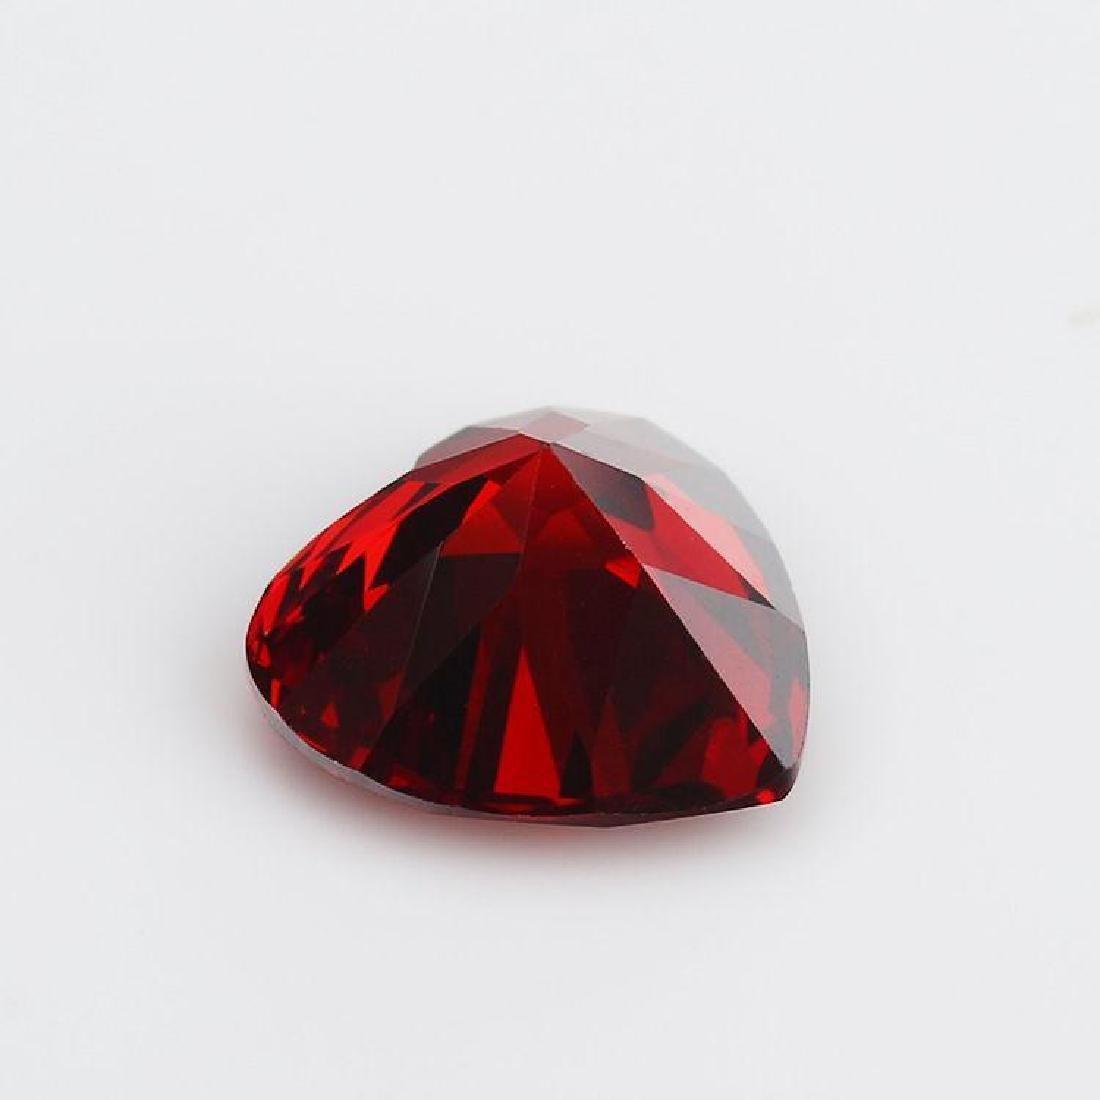 Heart Garnet VVS Bianco 6AAAAAA Diamond 11*11mm - 3